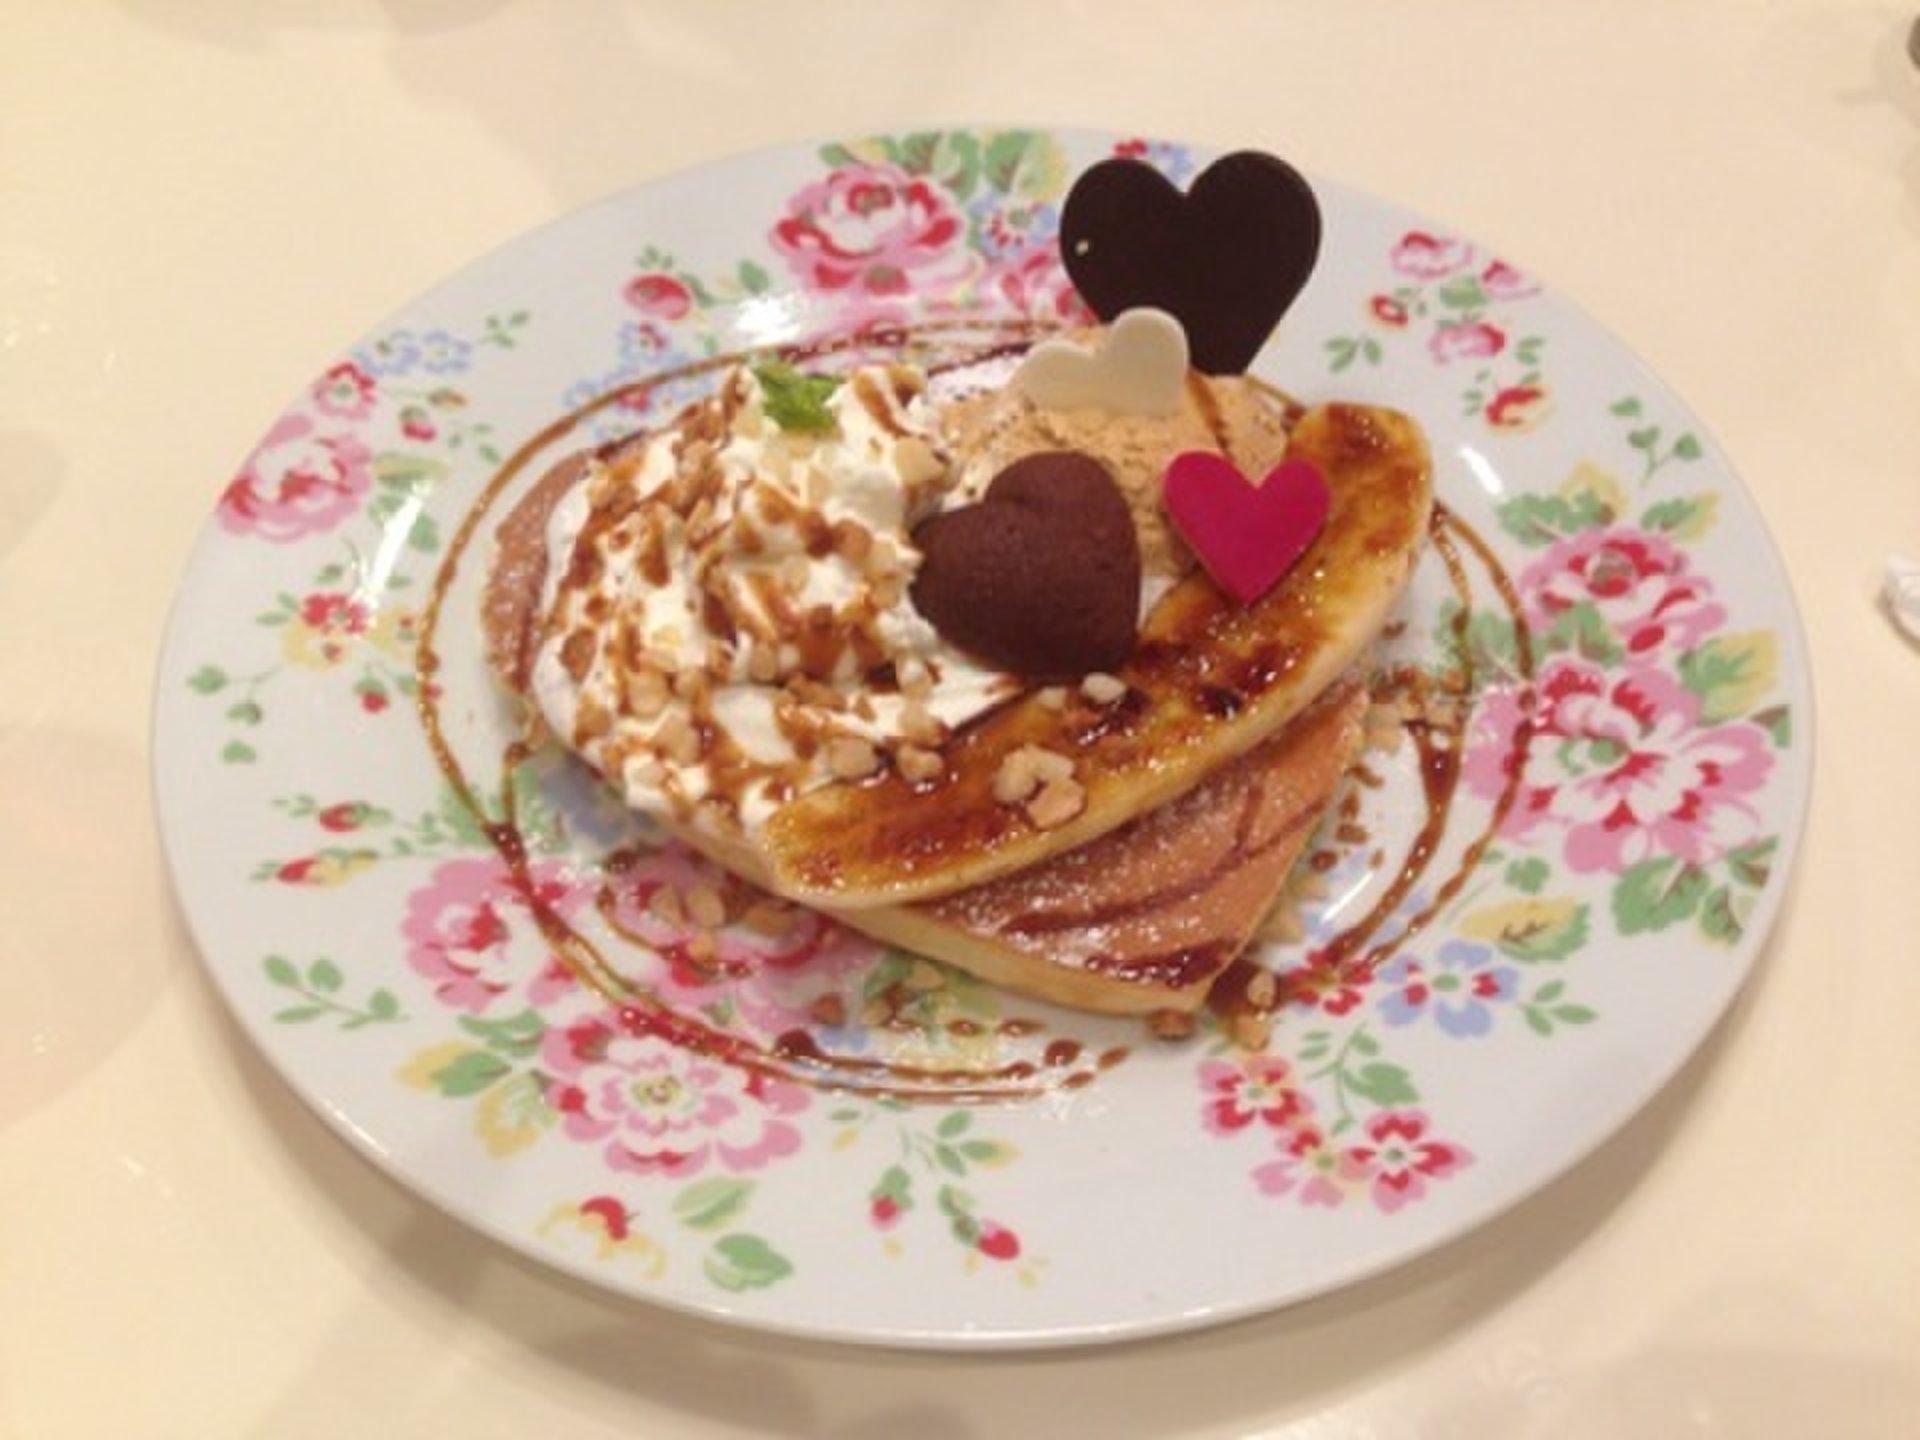 原宿・表参道エリアのおすすめパンケーキ店3選【女子会やデートにおすすめ】